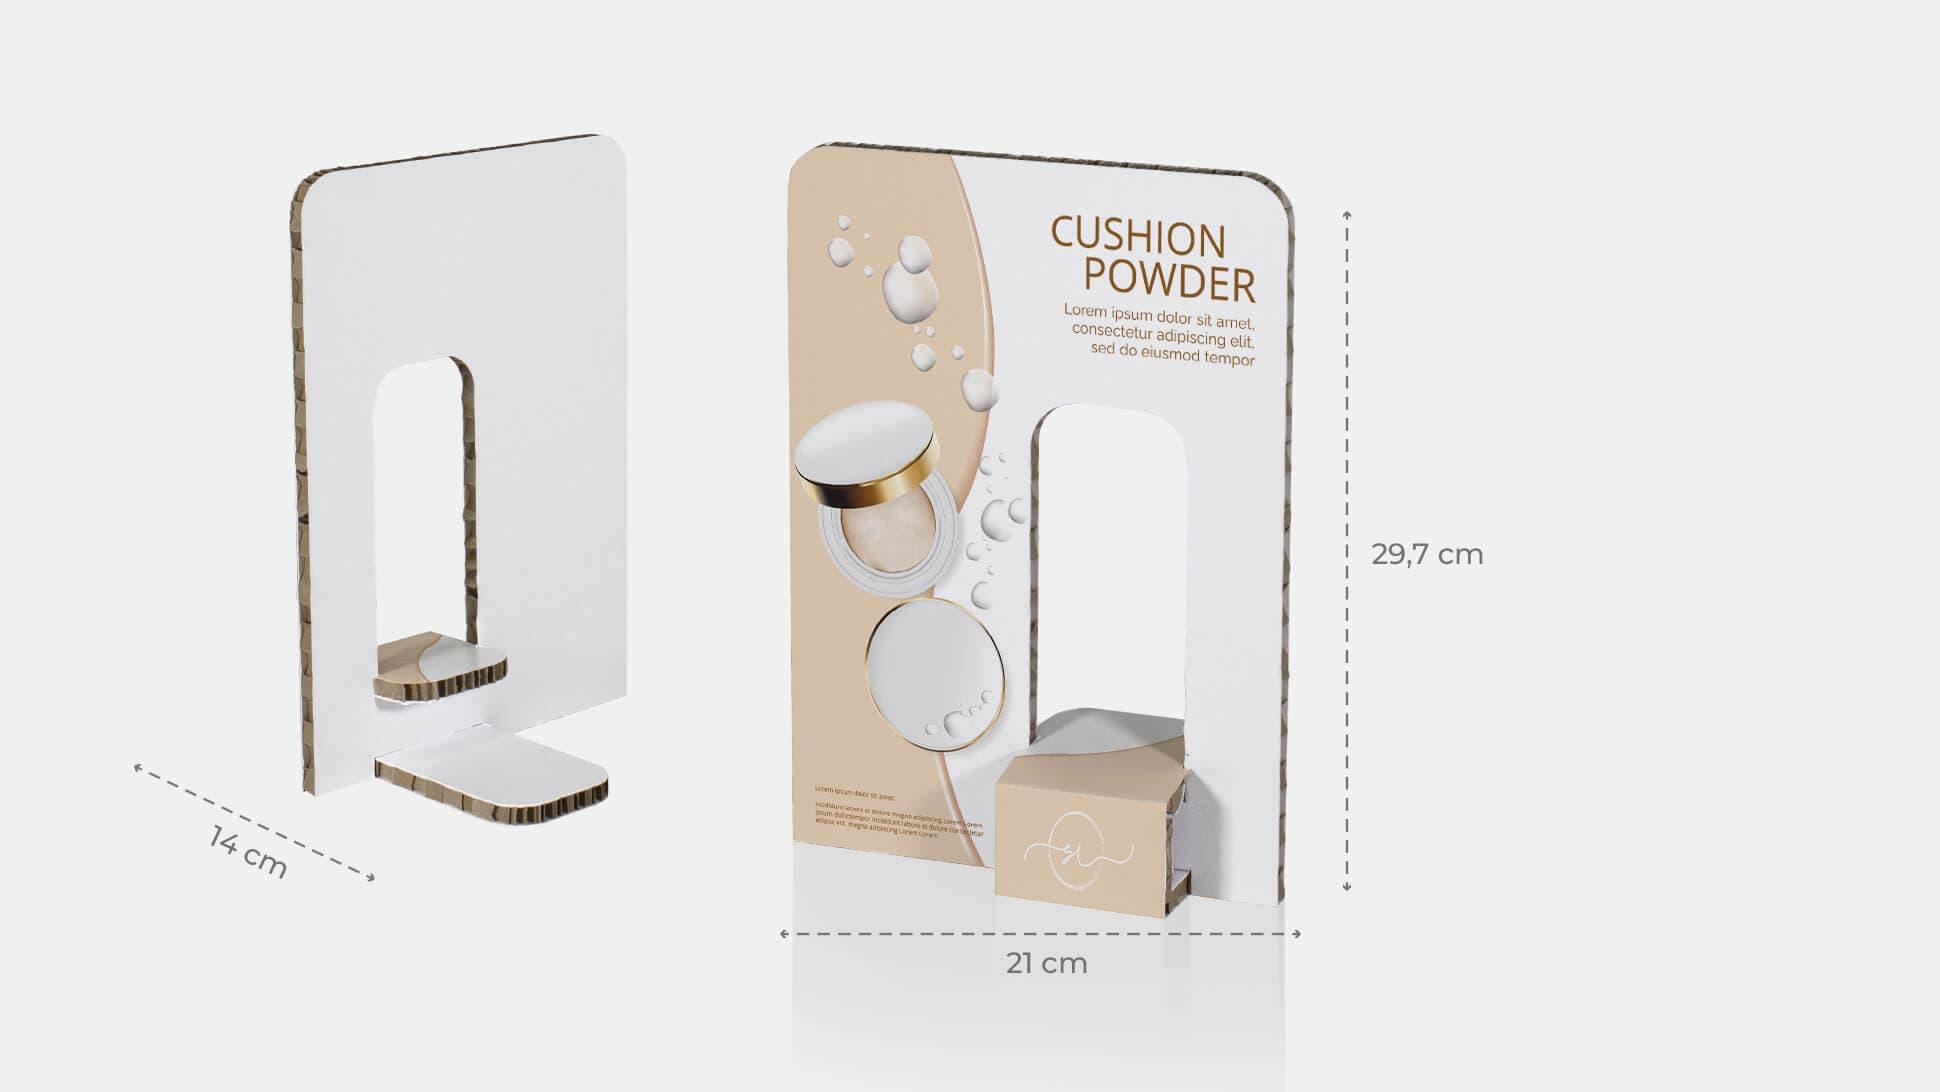 Espositore Kiwi 2 con portaprodotti a destra in cartone bianco | tictac.it